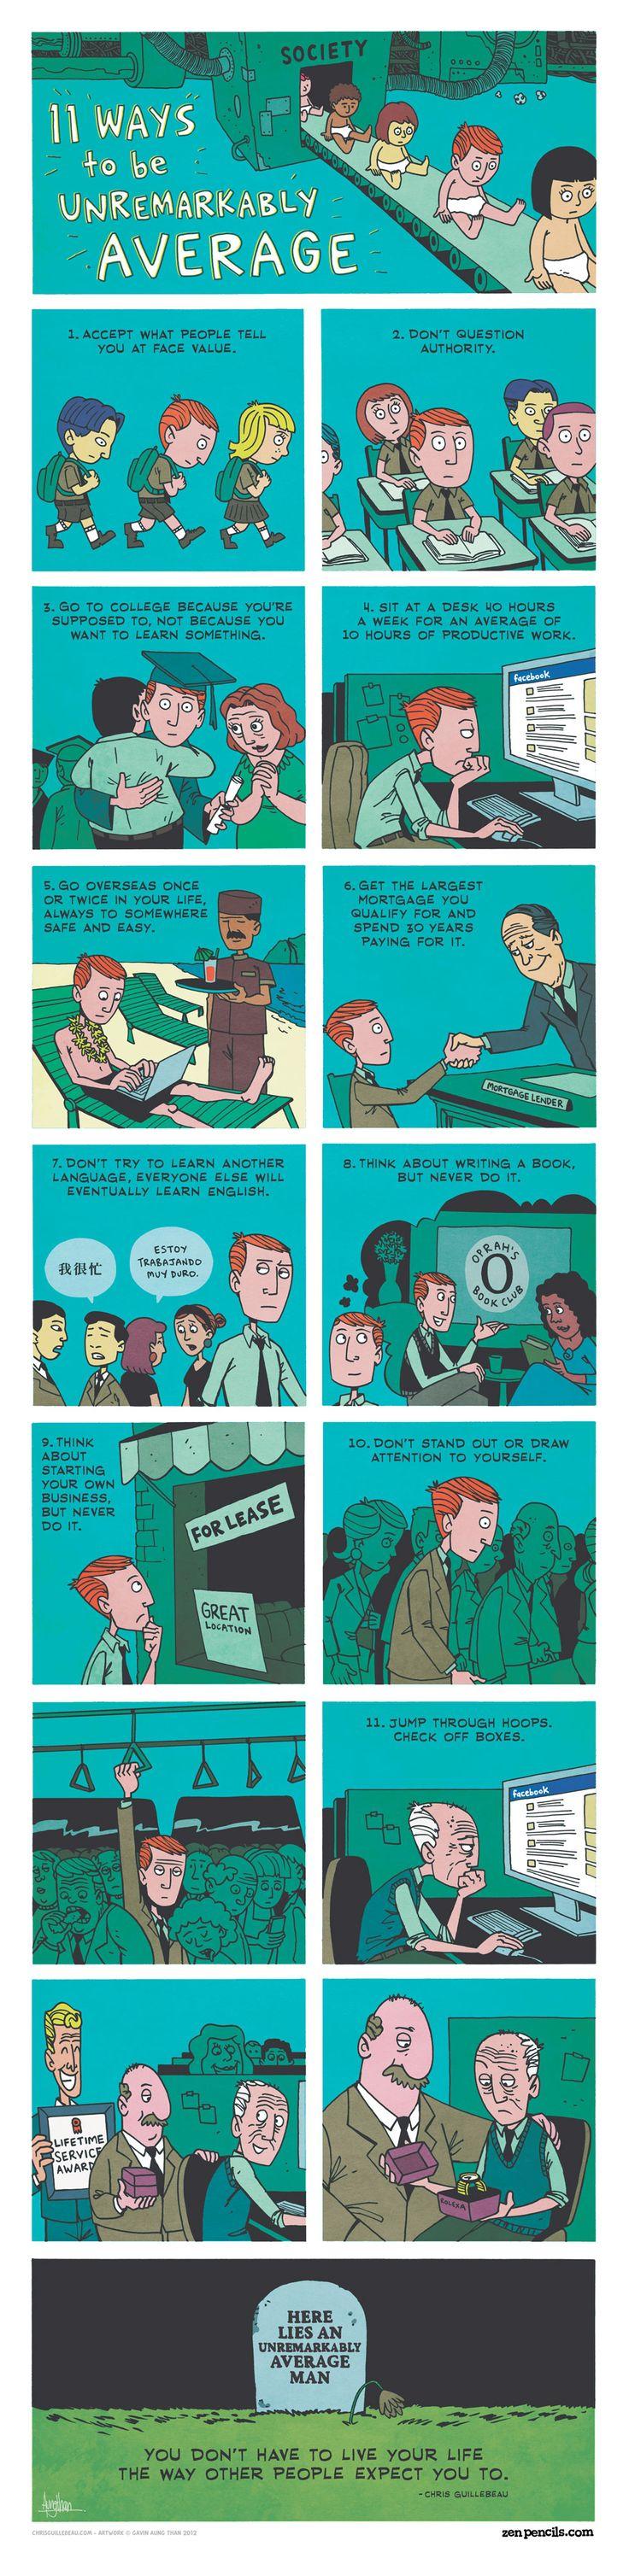 ZEN PENCILS - 11 ways to be average